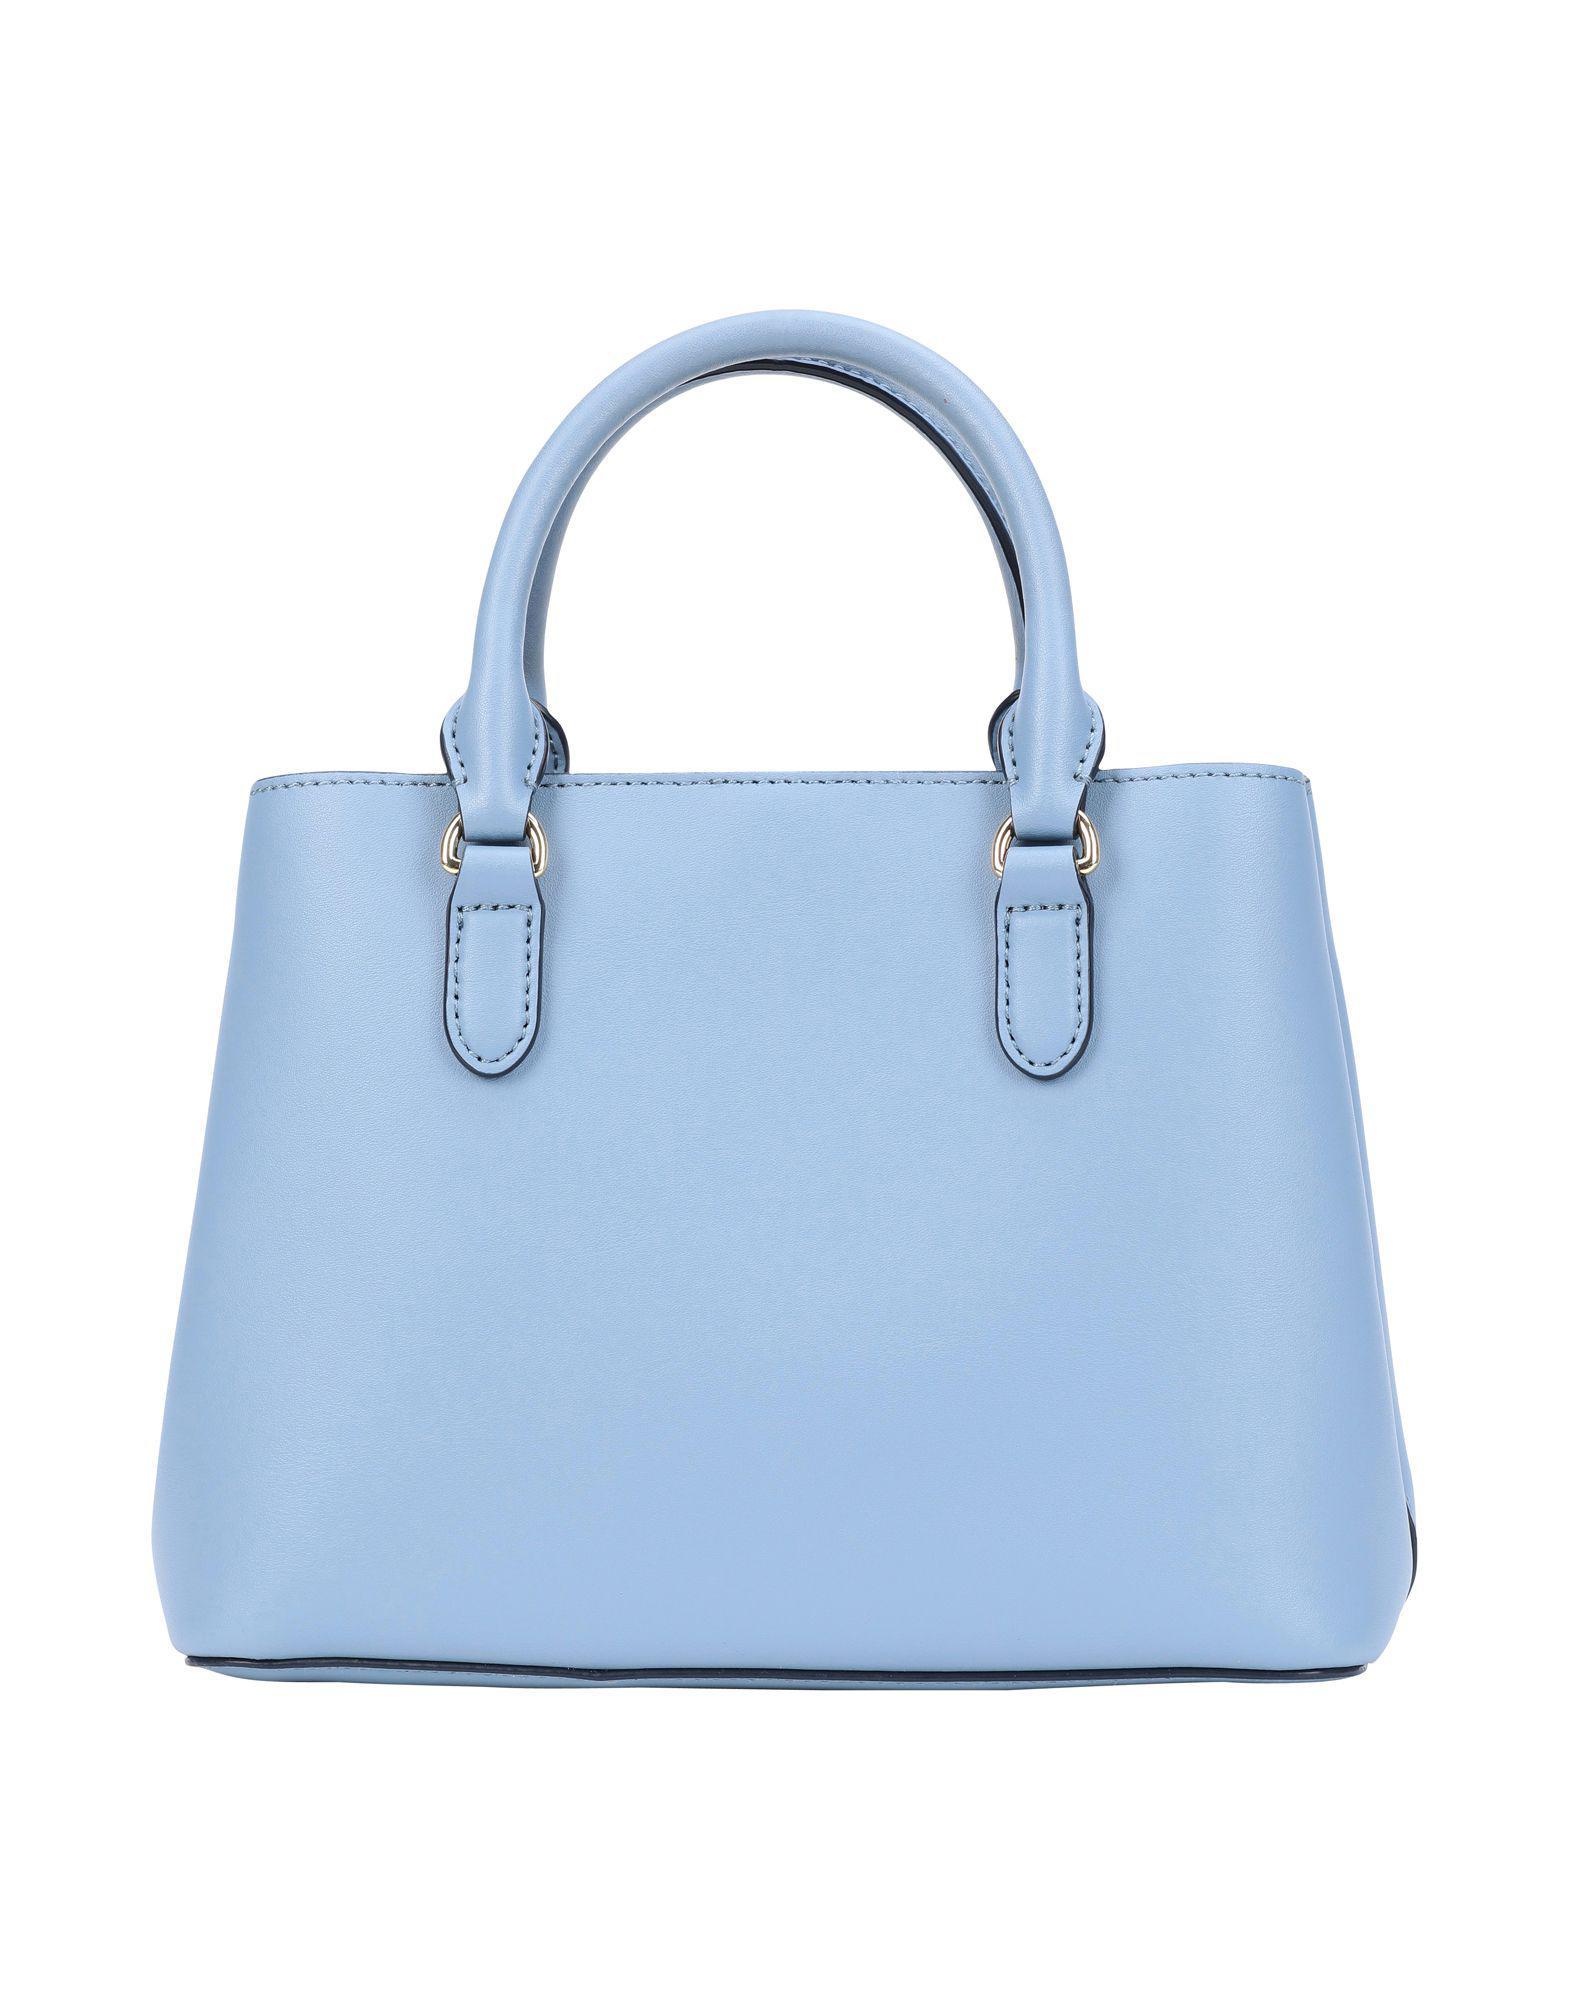 5ba26e3def Lyst - Sacs Bandoulière Lauren by Ralph Lauren en coloris Bleu